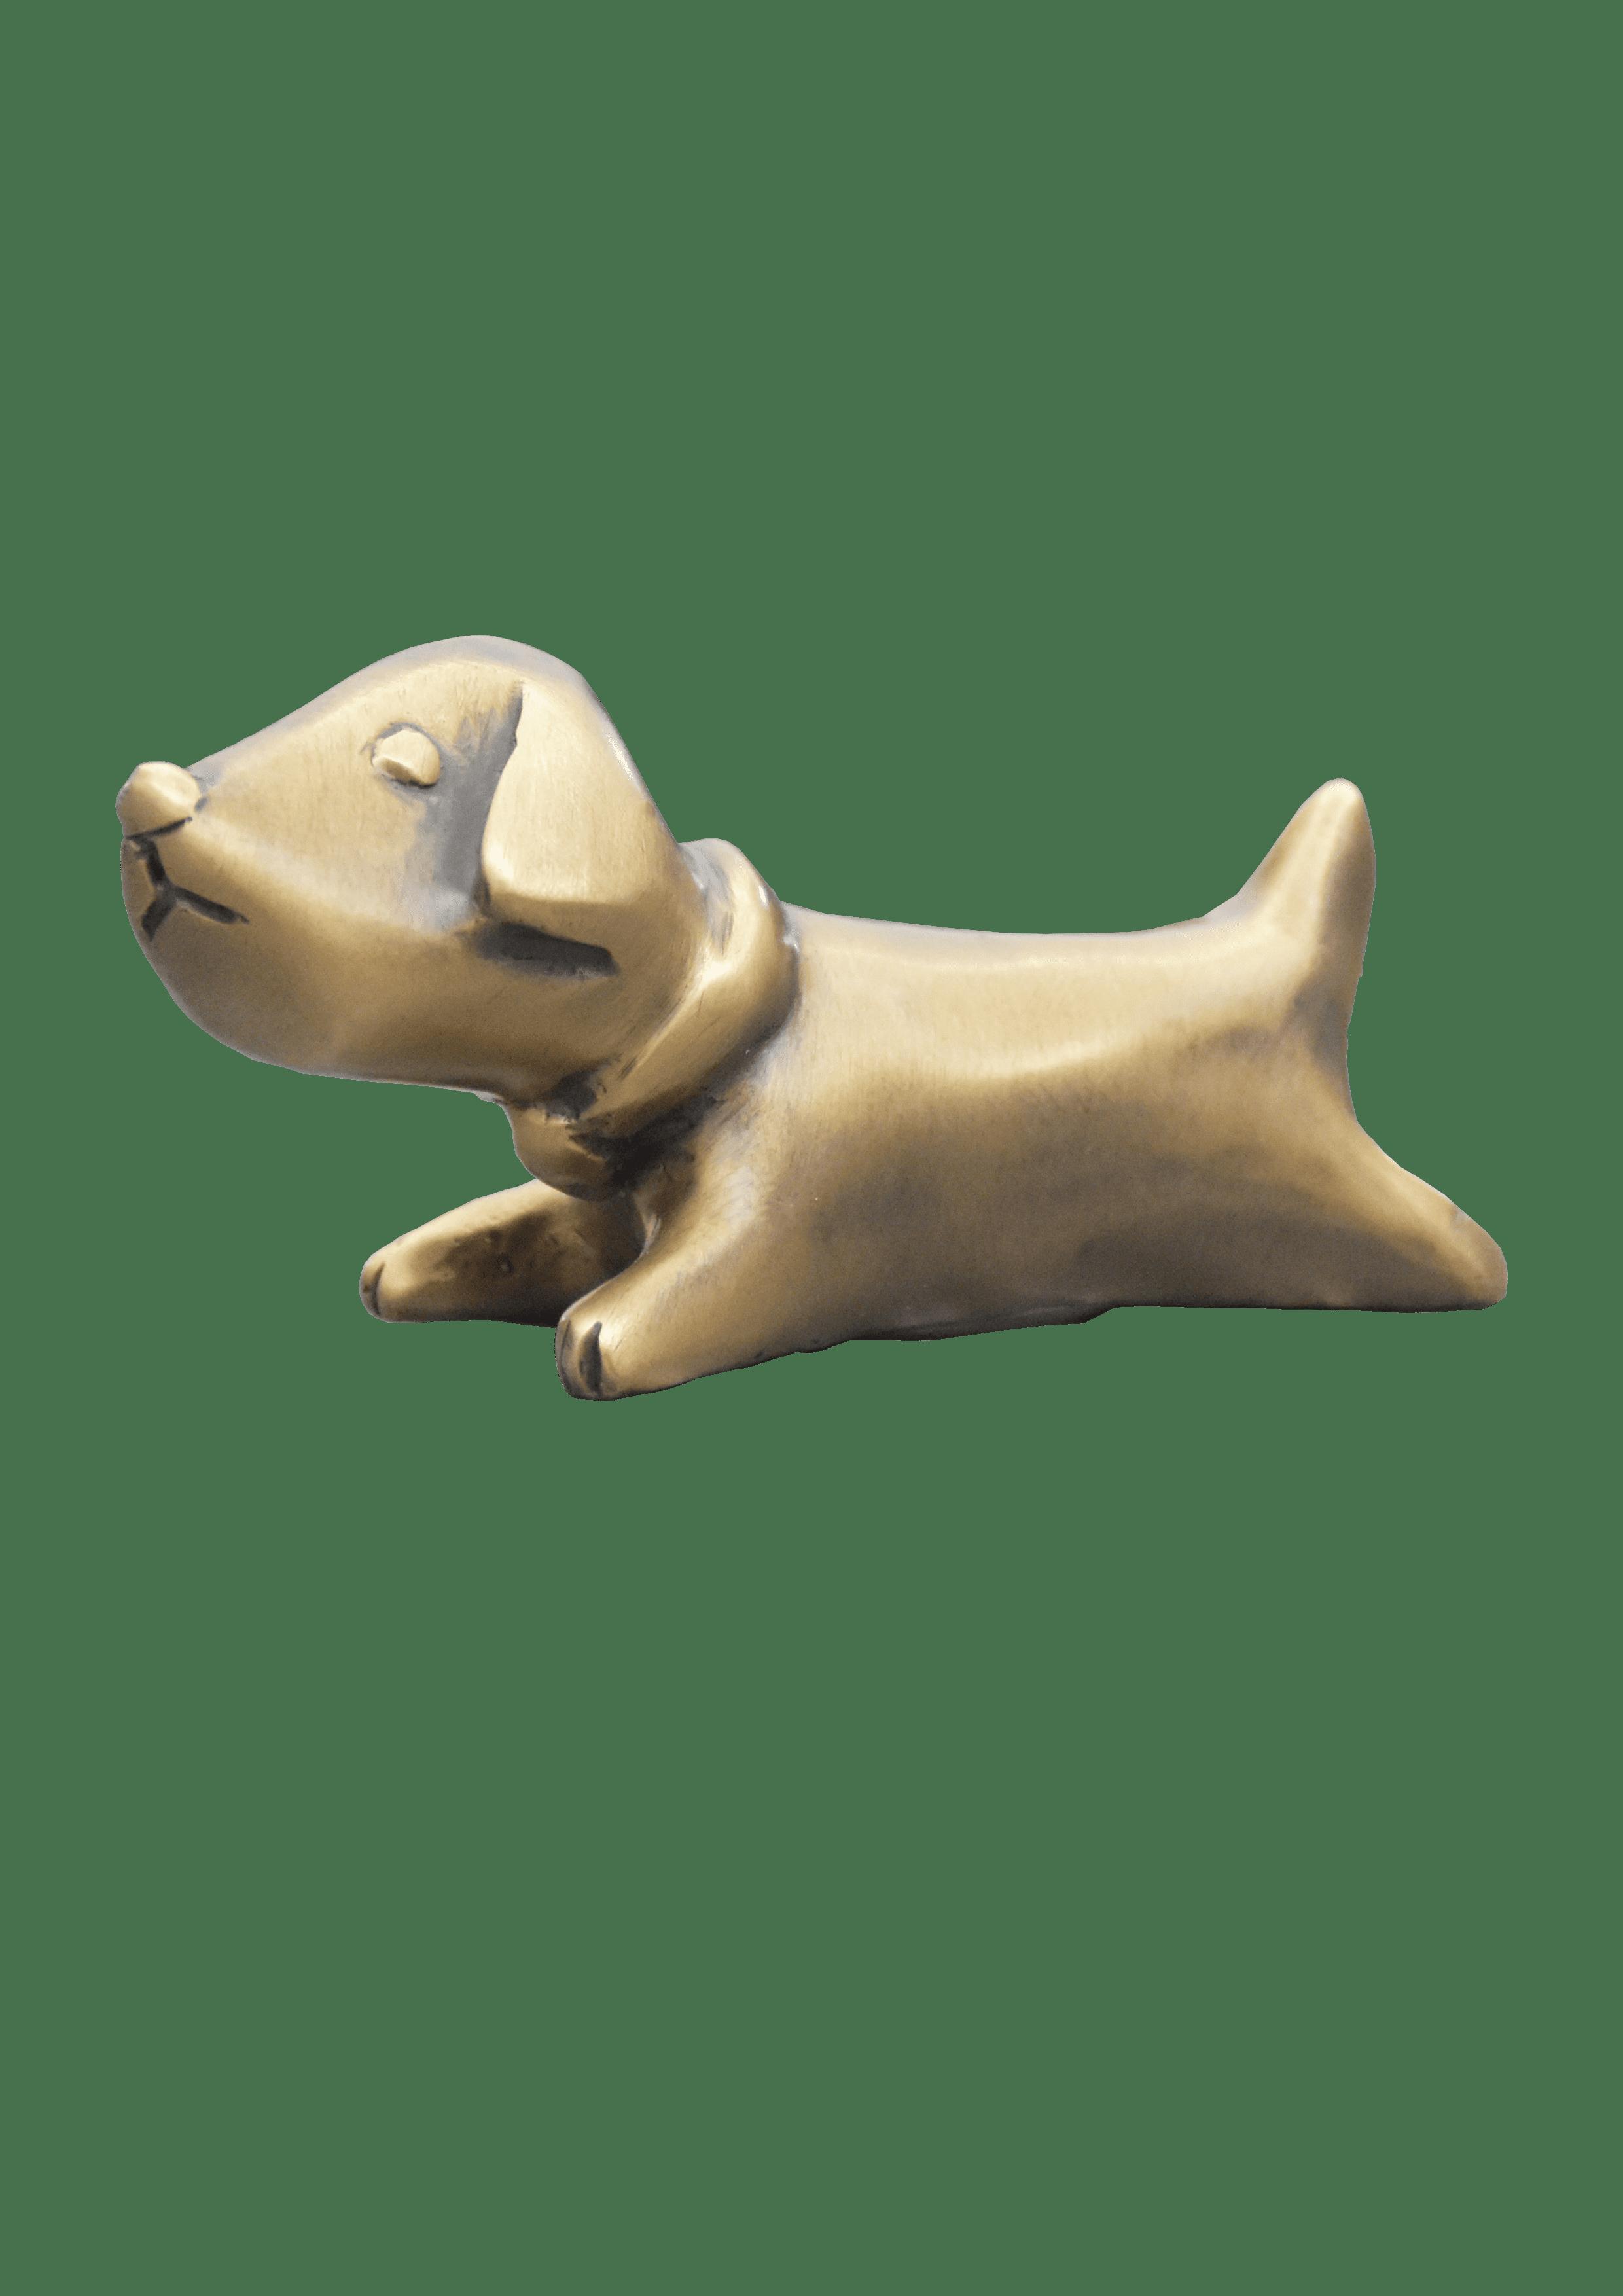 มือจับ - สุนัขการ์ตูน